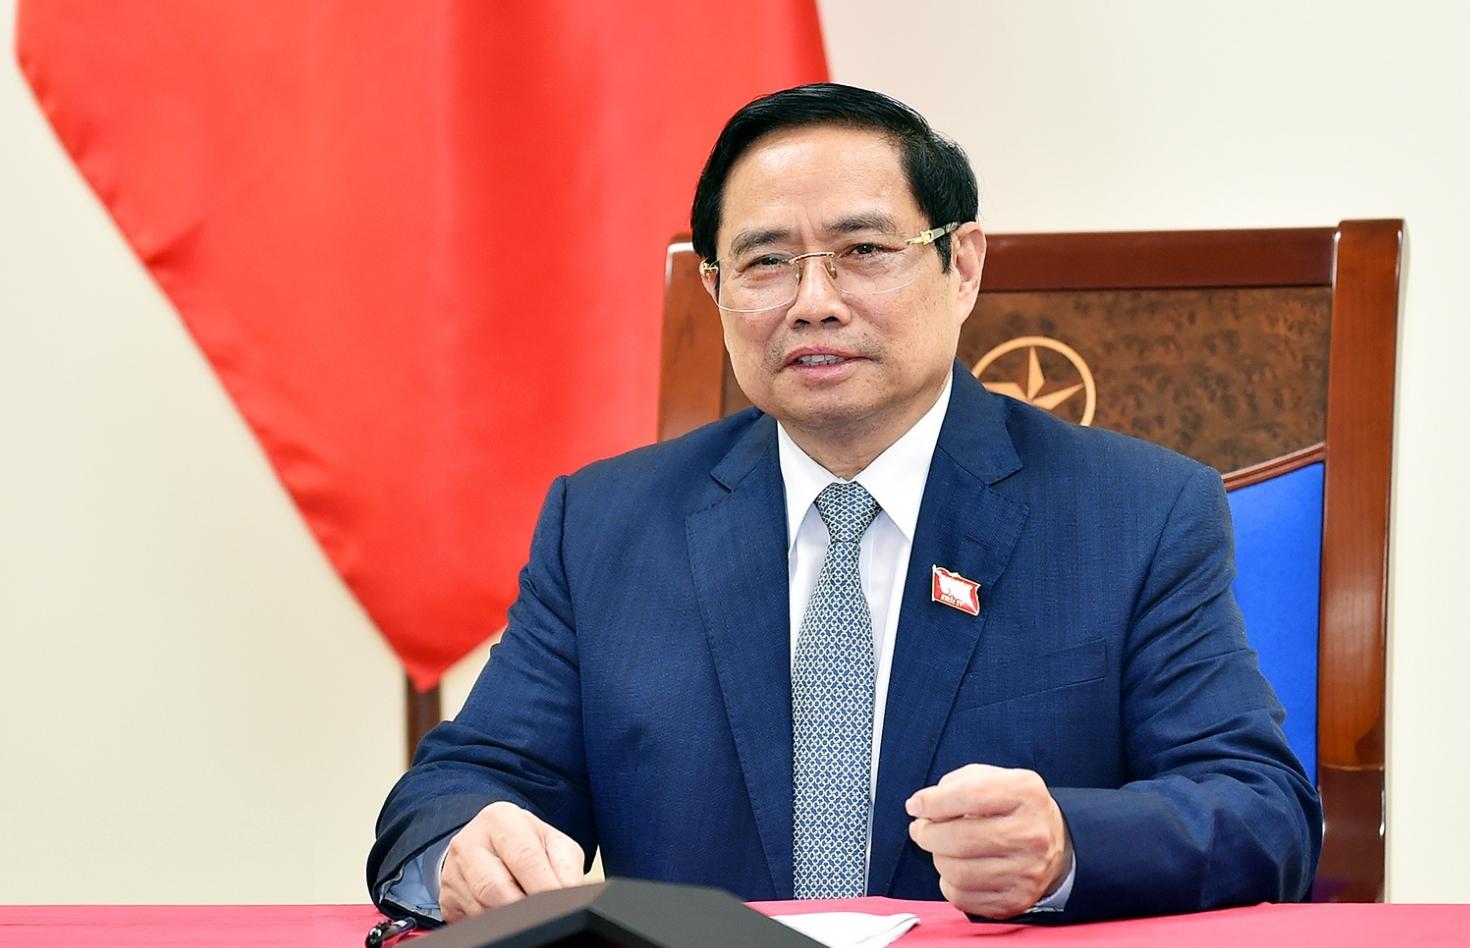 Thủ tướng Chính phủ Phạm Minh Chính điện đàm với Thủ tướng Nội các Hàn Quốc Kim Boo Kyum